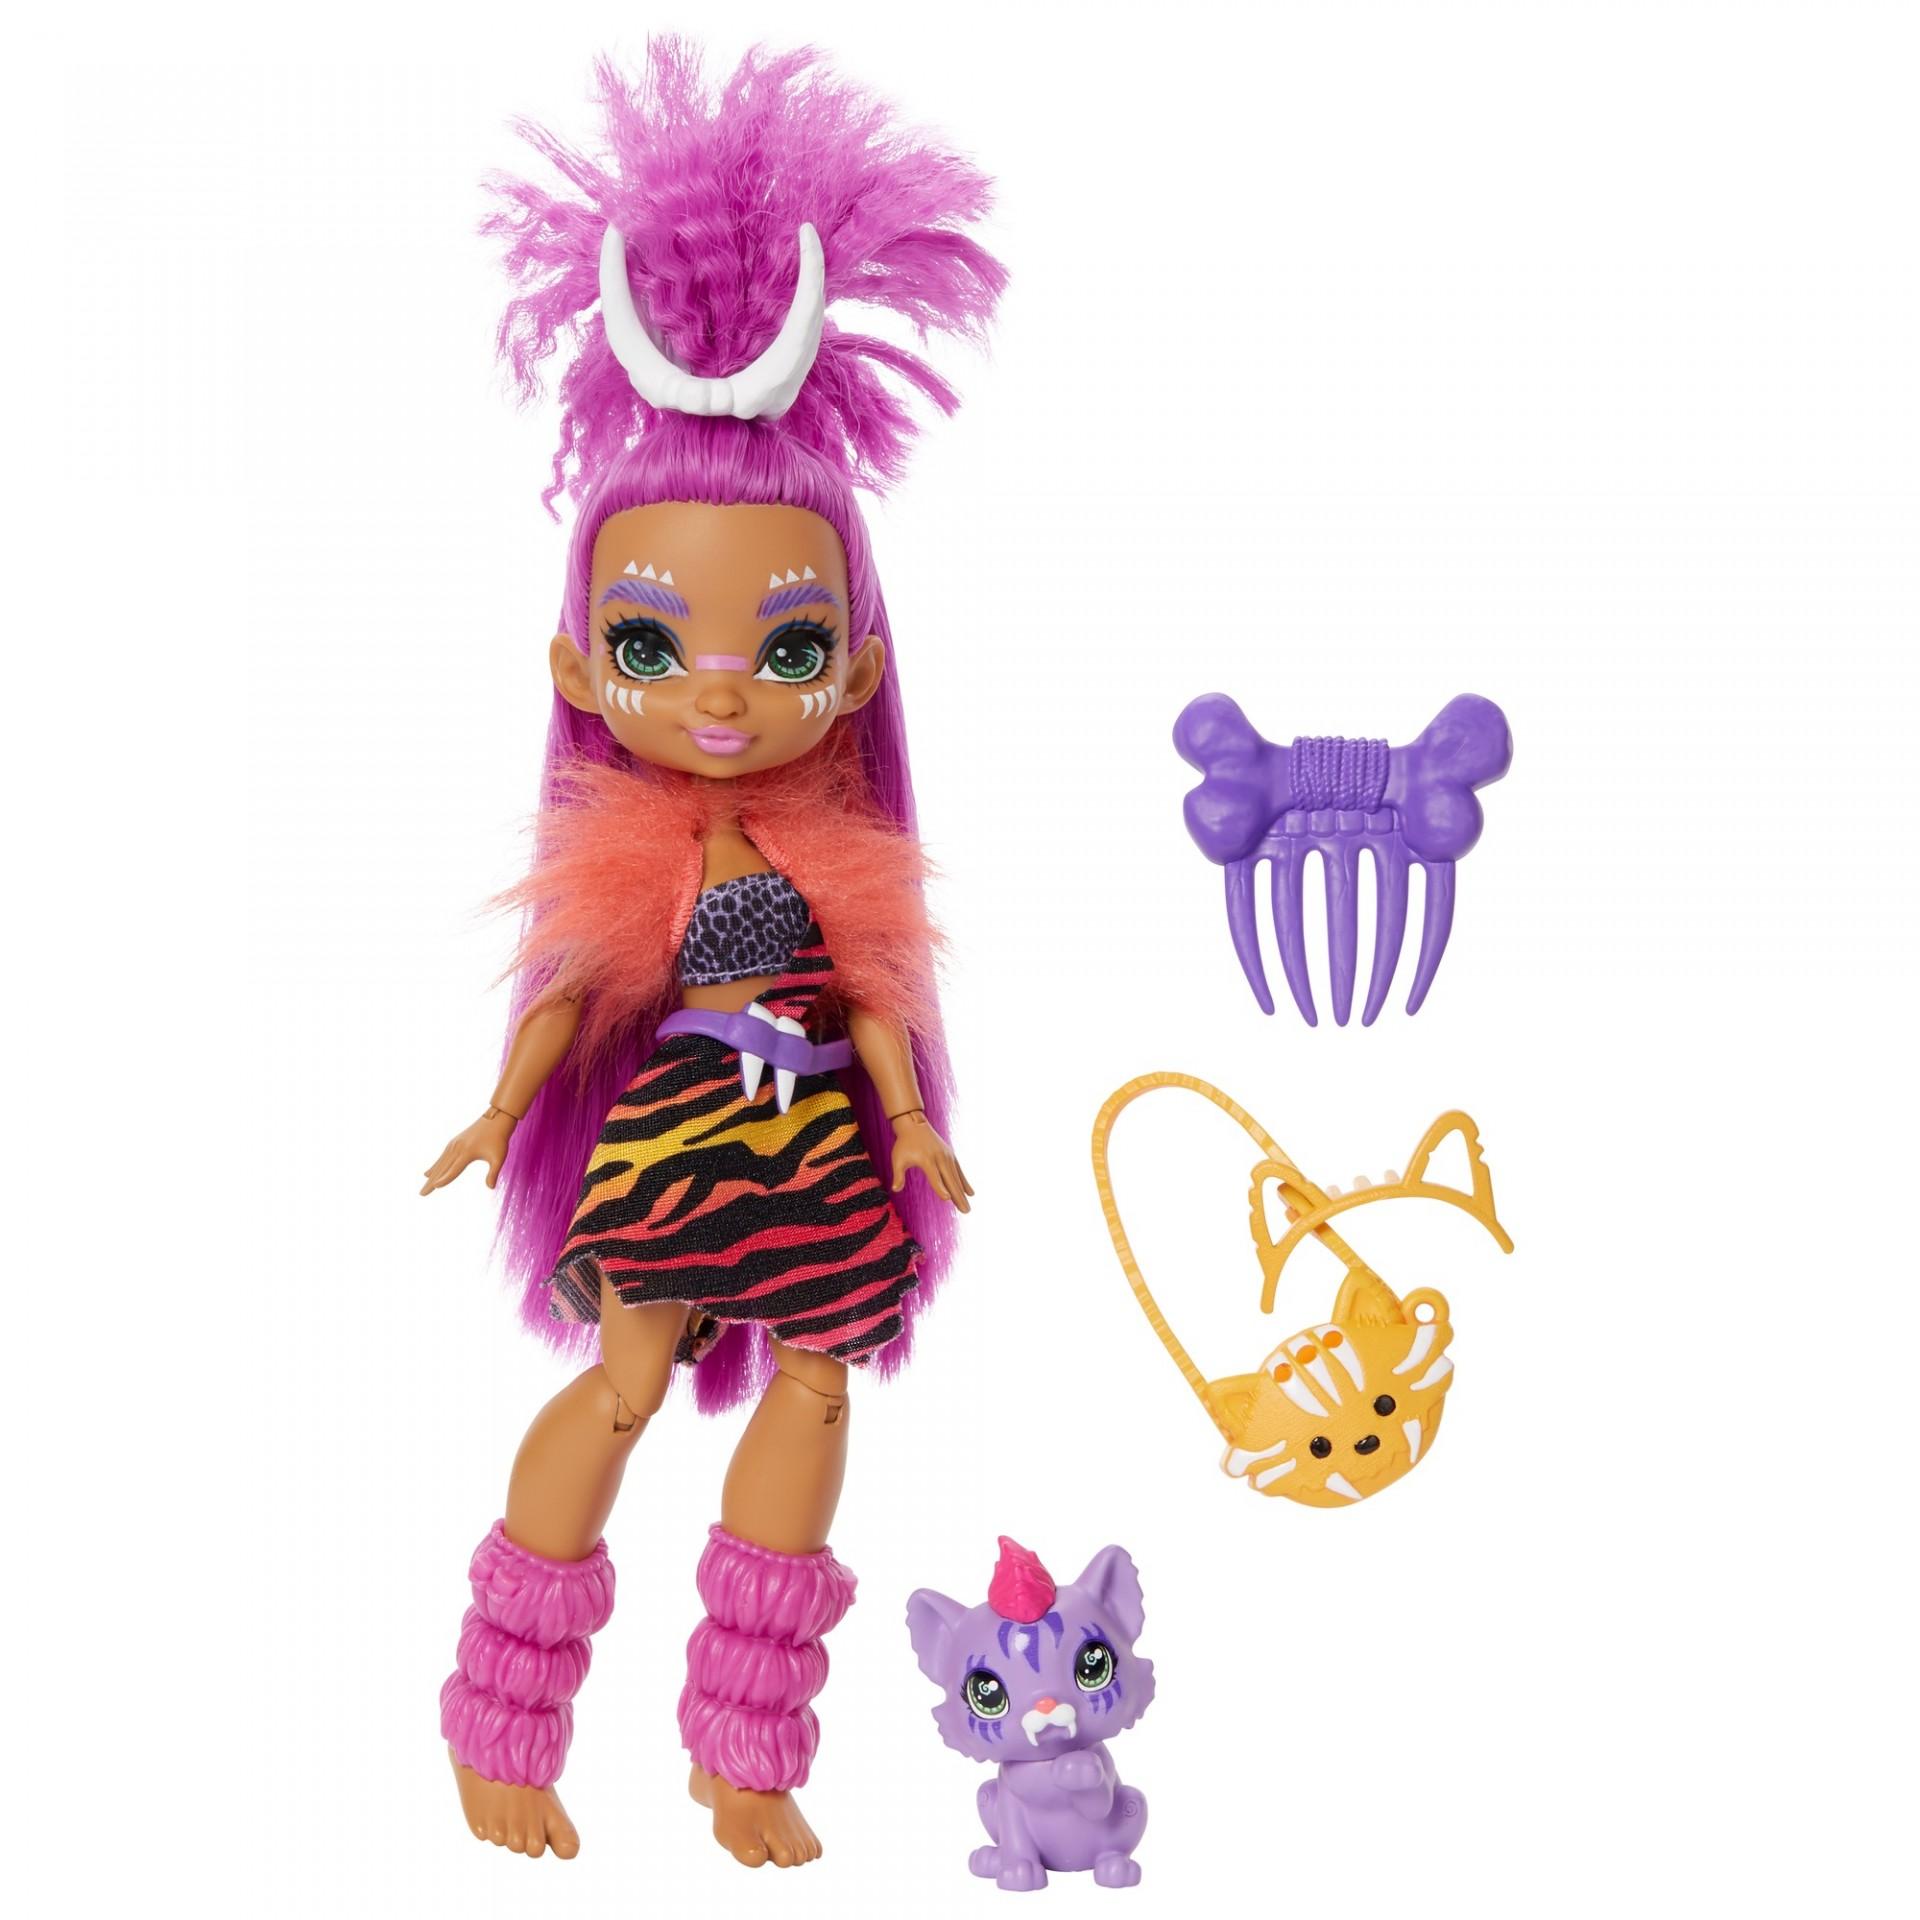 Купить Кукла Роарелей и питомец Феррелл Пещерный клуб  Cave Club Roaralai Doll with Ferrell Dinosaur Pet Mattel от